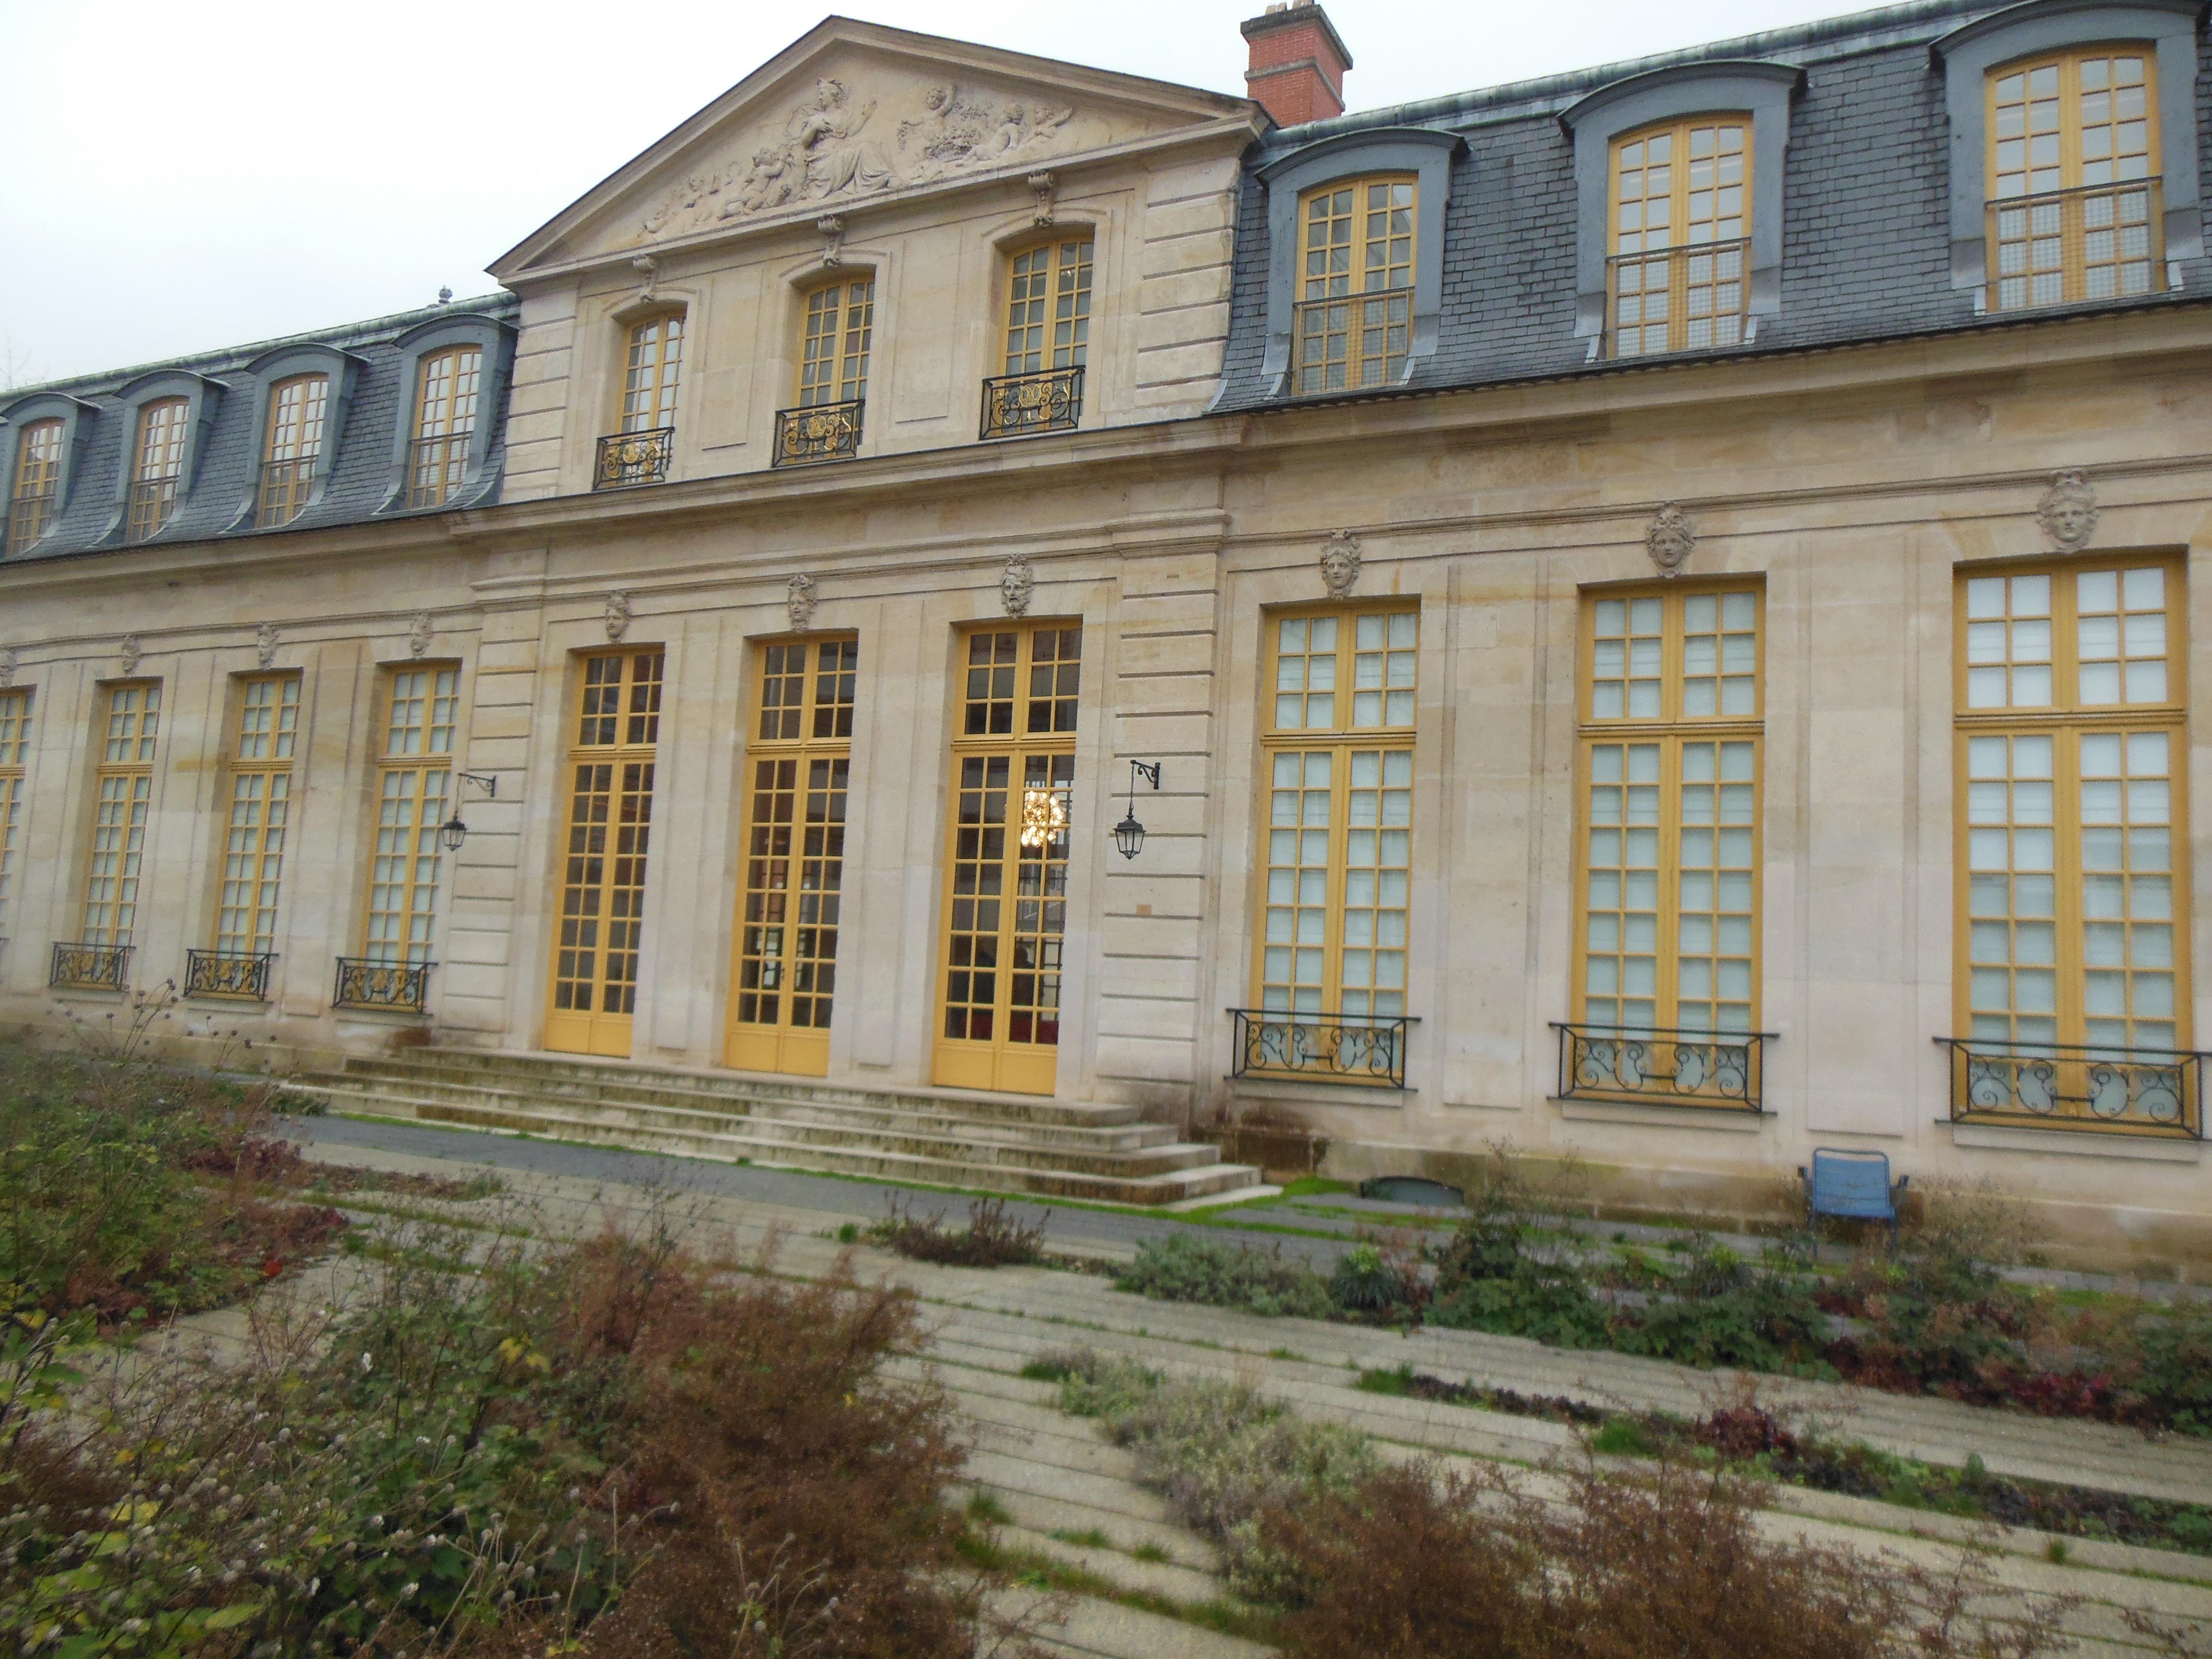 Historique de clichy la garenne ot clichy - Office de tourisme de clichy ...